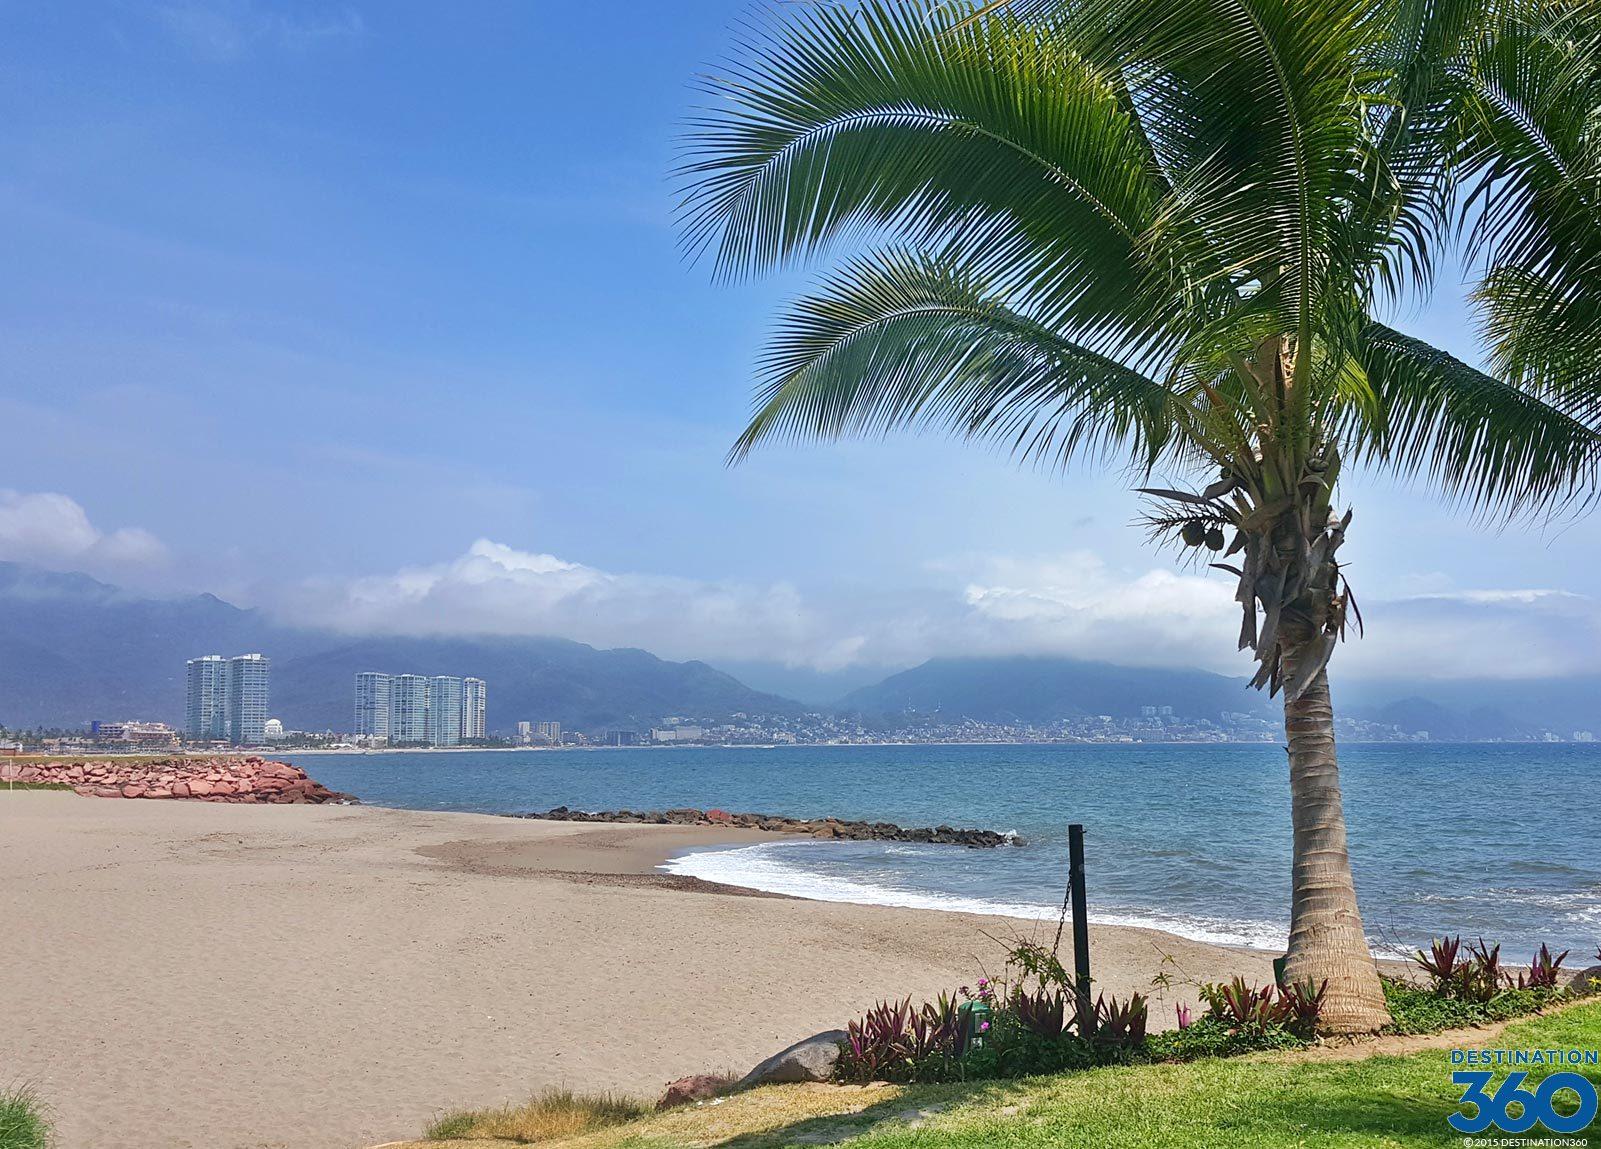 Playa Camarones Hotels Near Playa Camarones